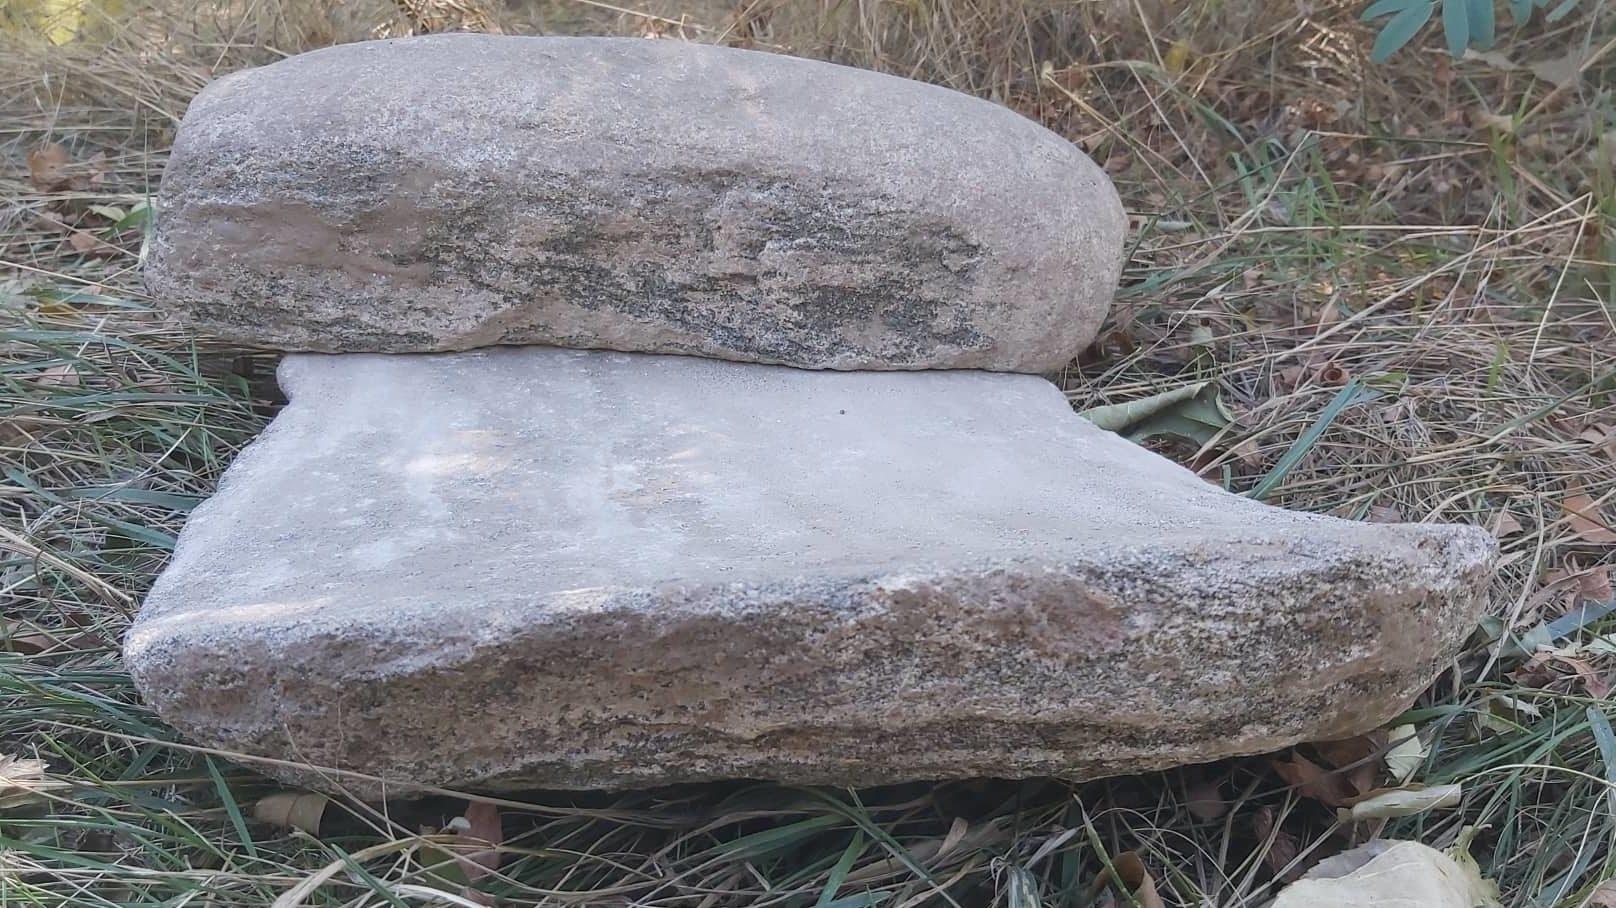 Запорізькі археологи виявили незвичайні знахідки в ритуальній ямі - ФОТО, ВІДЕО